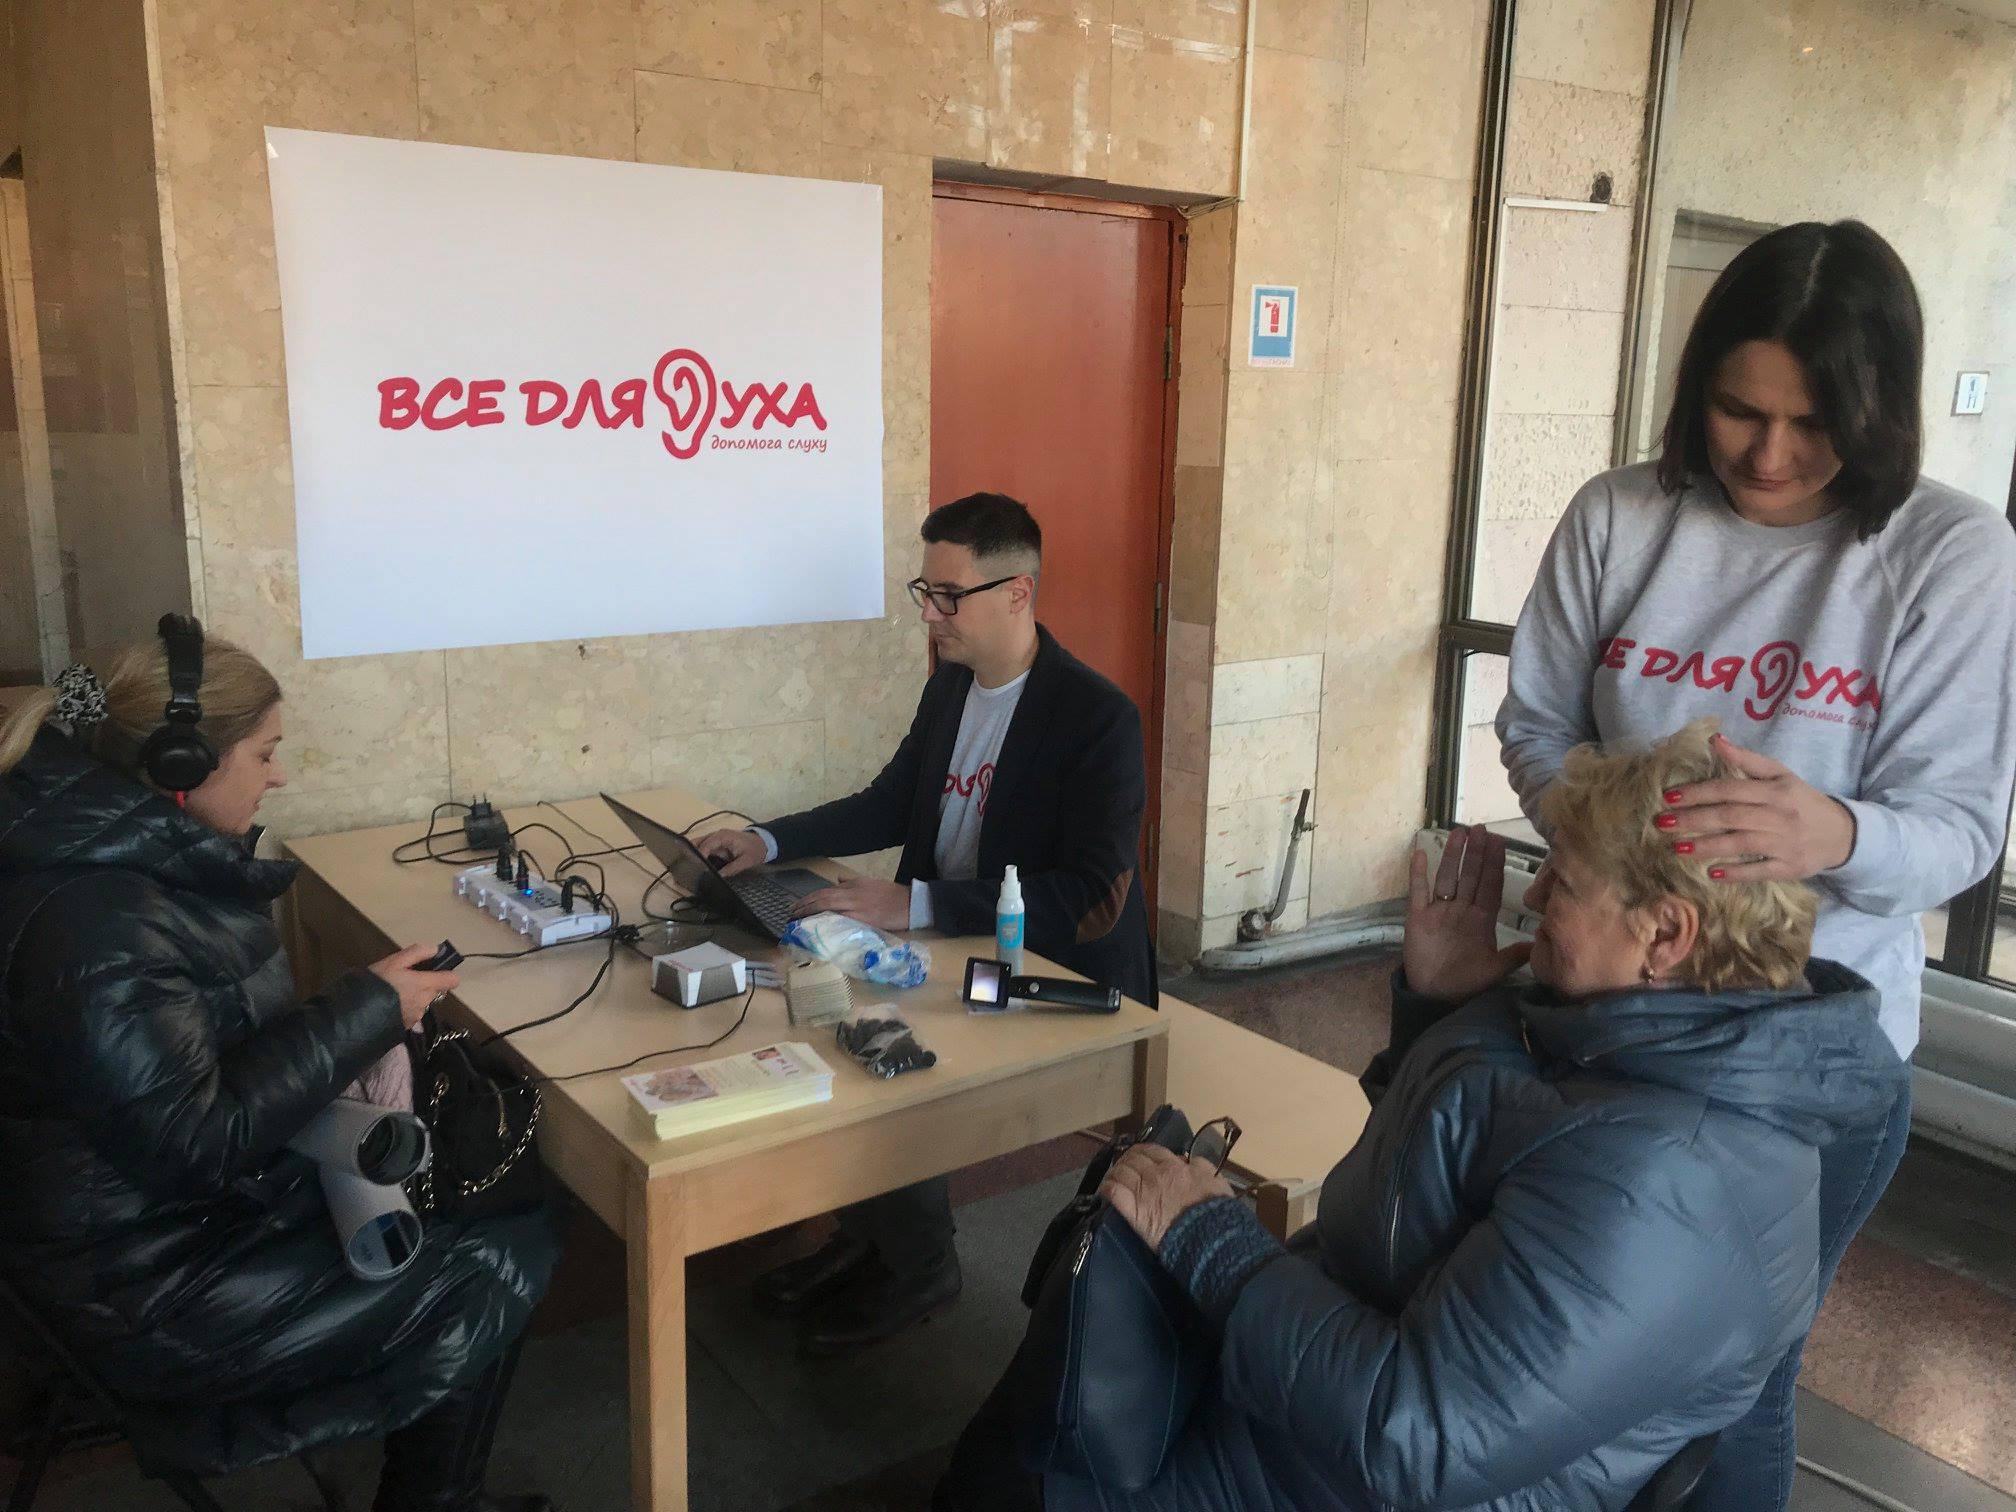 Проверка слуха посетителям выставки в г. Житомир